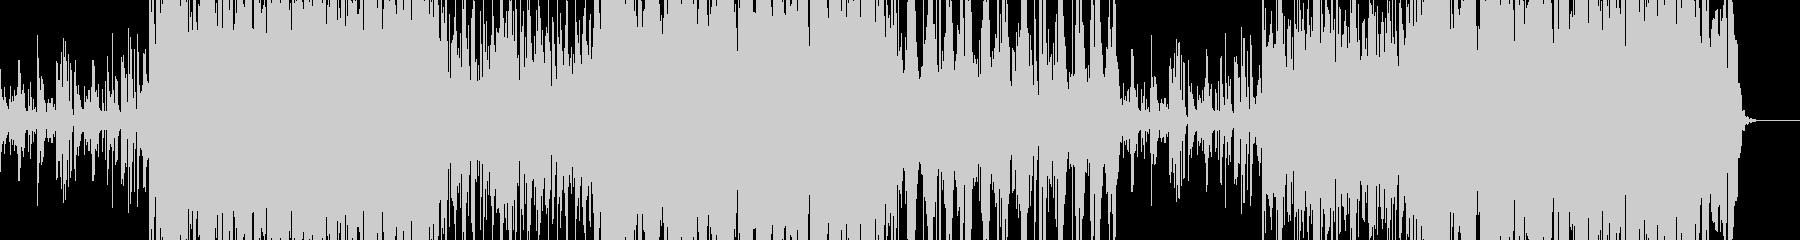 和:和楽器沢山の艶やか系楽曲の未再生の波形